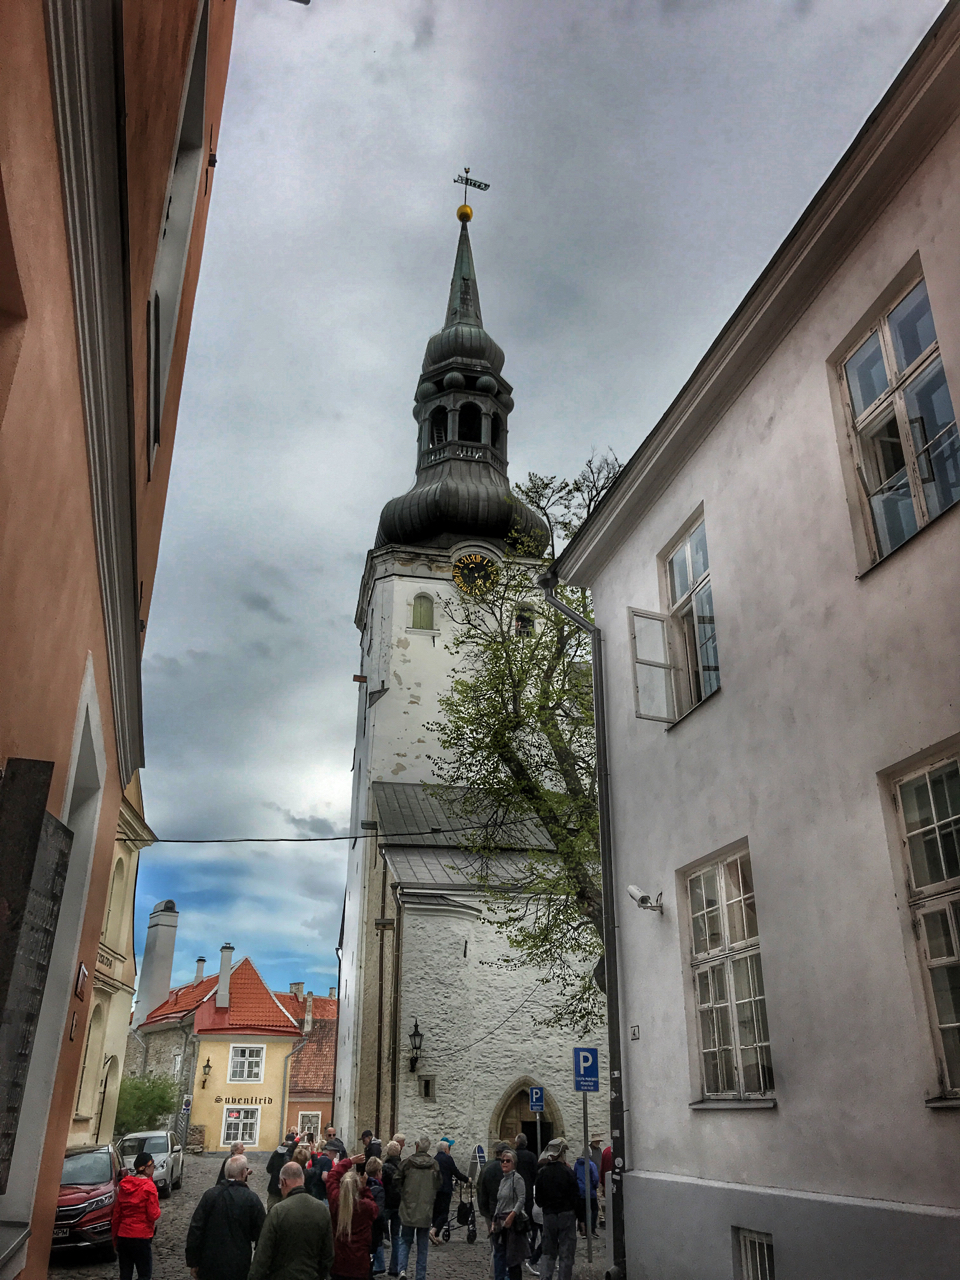 Teri_Tallin_Estonia Baltics_travel_spiritedtable_photot07.jpg